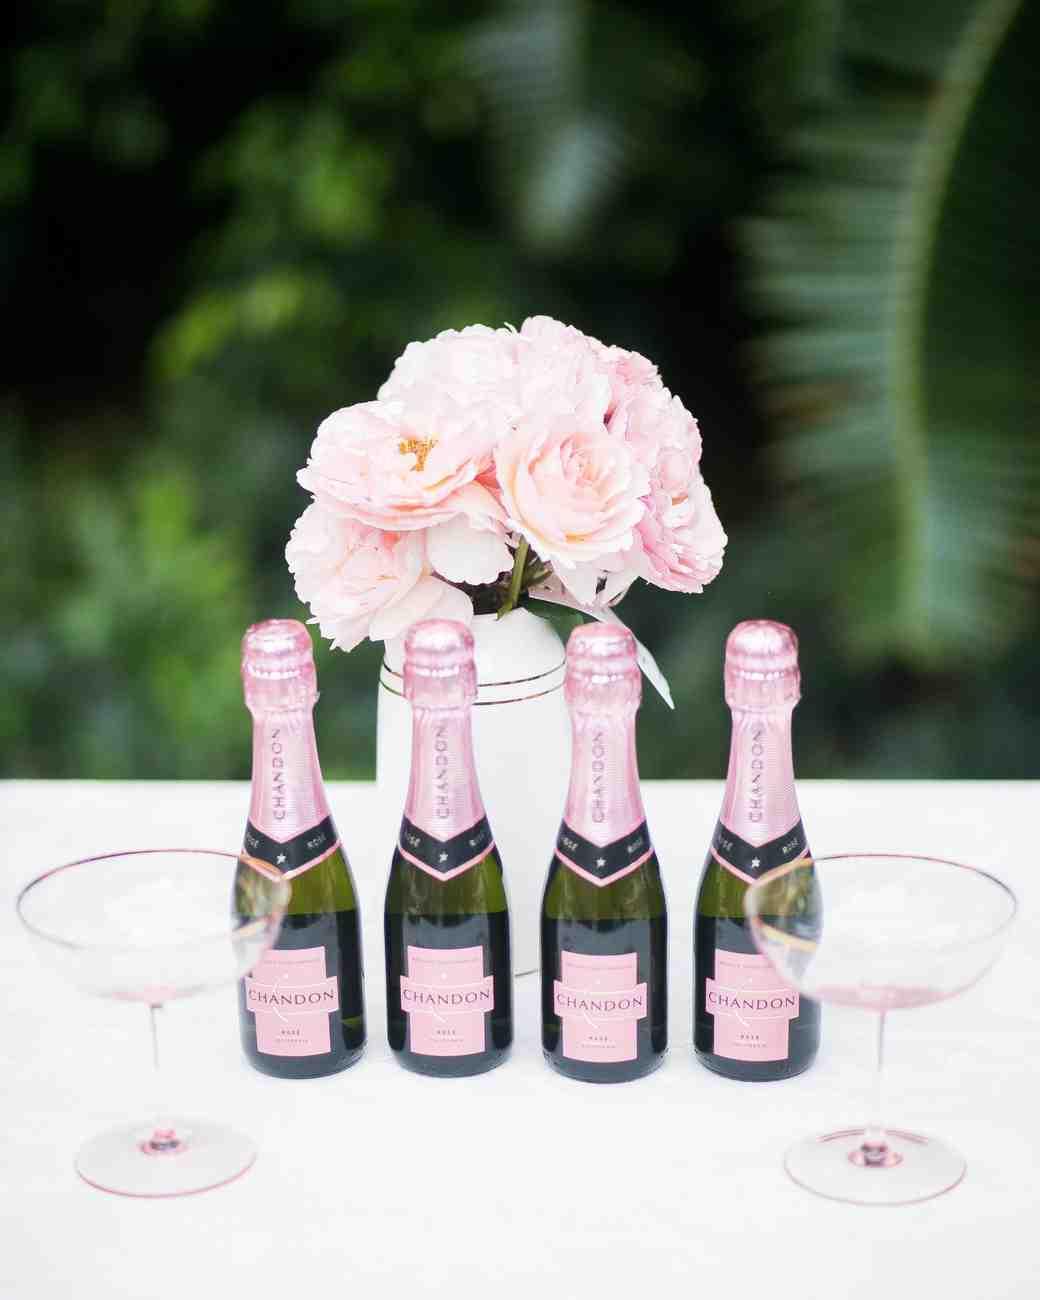 fashionable-hostess-bridal-shower-mini-rose-champagne-bottles-0716.jpg